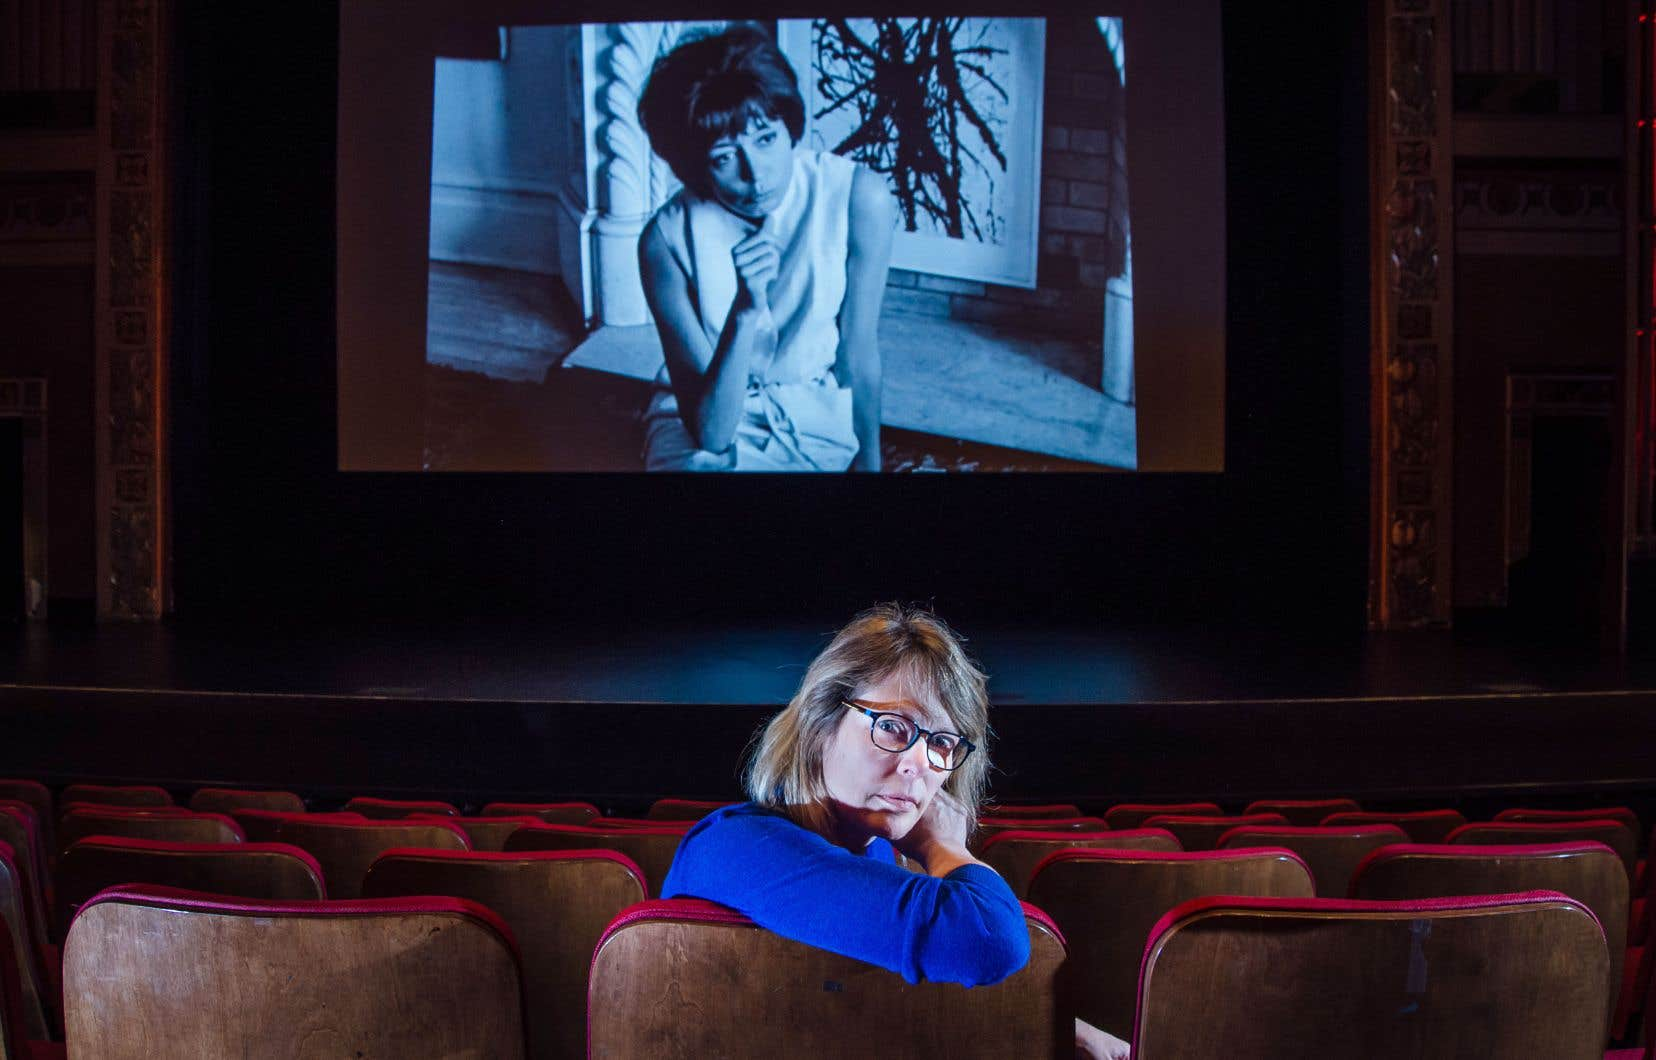 Pascale Ferland confie qu'elle partage le rêve indépendantiste de Pauline Julien. Toutefois, elle précise que son film se veut d'abord une invitation à reprendre, sinon celui de la souveraineté, l'un des nombreux autres flambeaux en mal d'être brandis à présent.